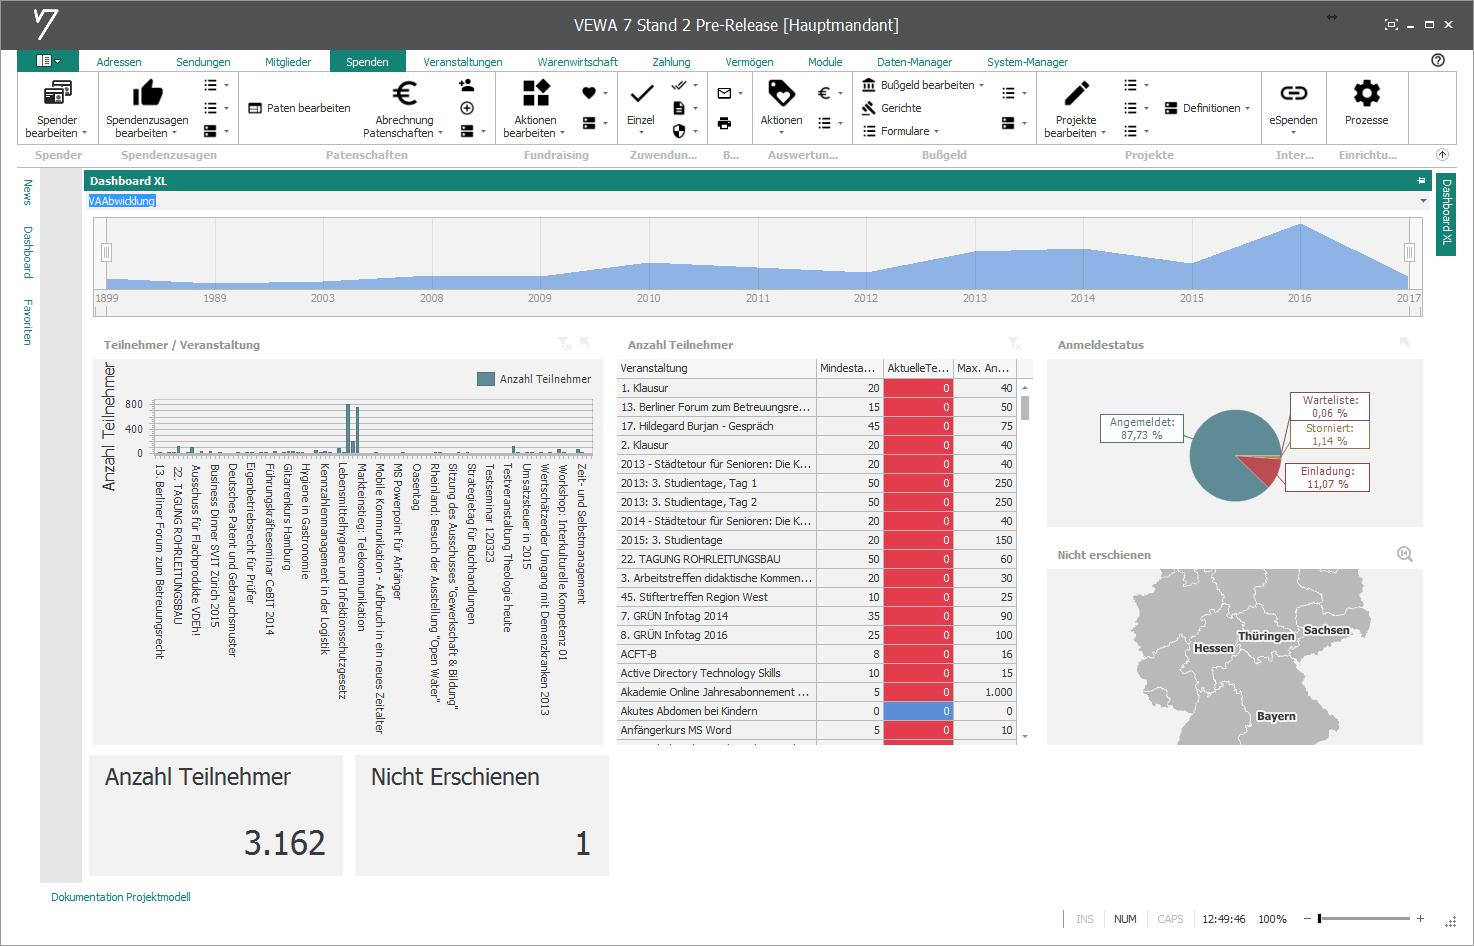 GRÜN VEWA7 - Software für Bildungsanbieter